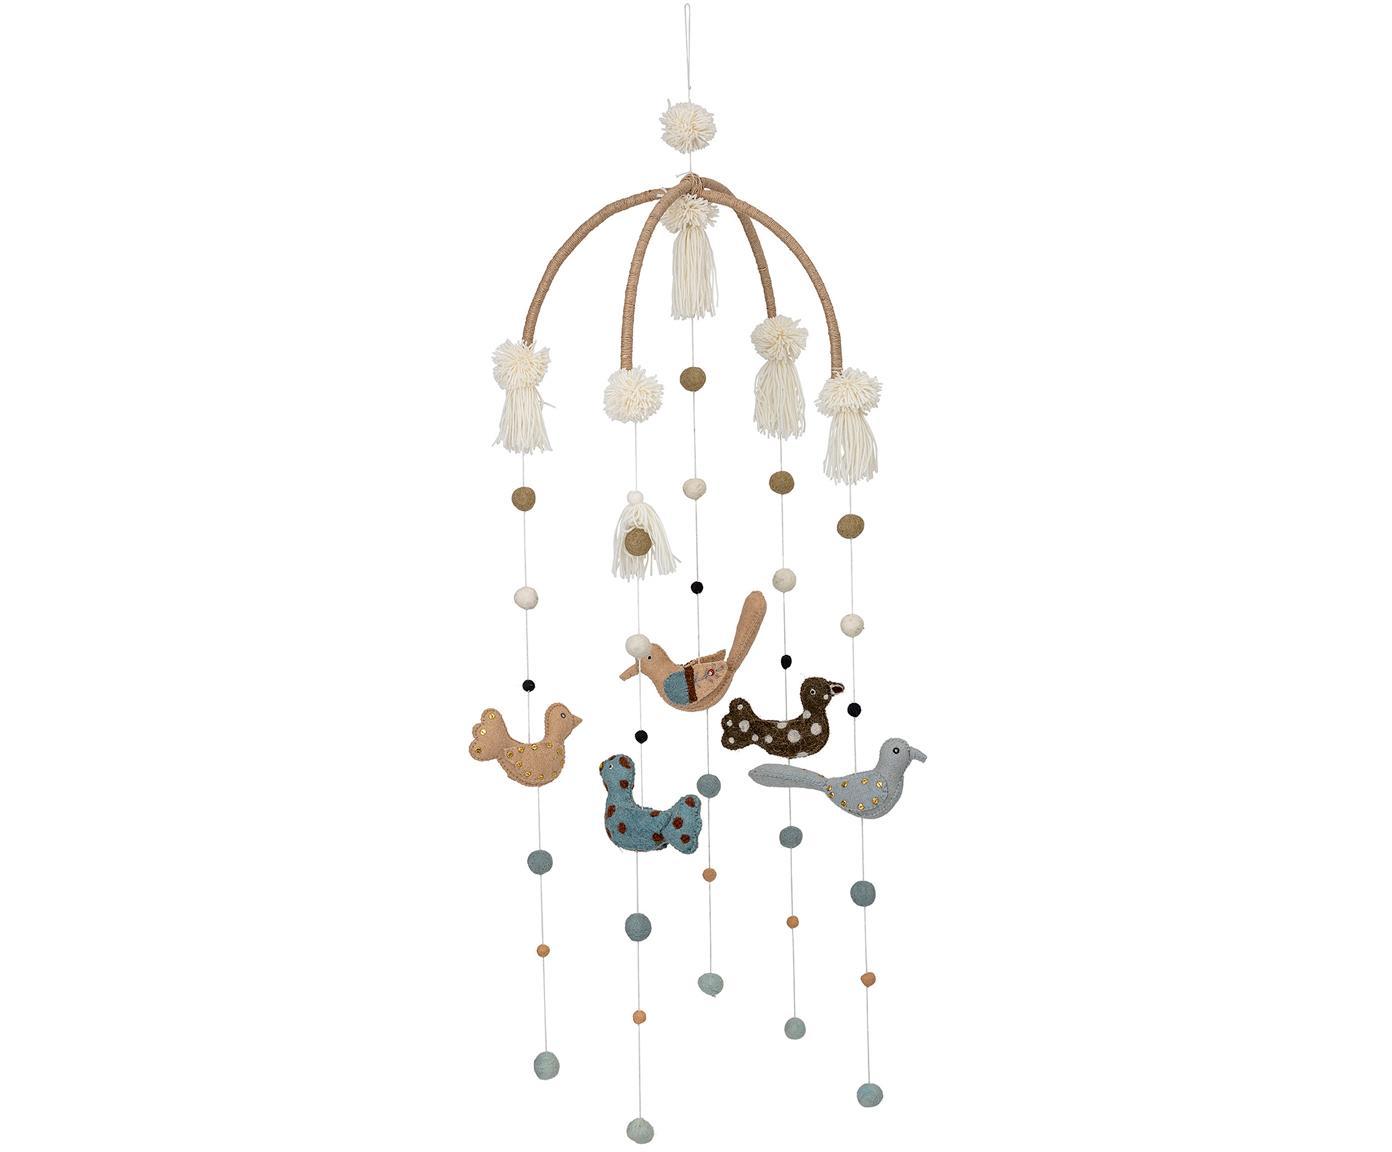 Babymobile Birds, Gestell: Holz, Bezug: Wollfilz, Mehrfarbig, Ø 36 x H 105 cm